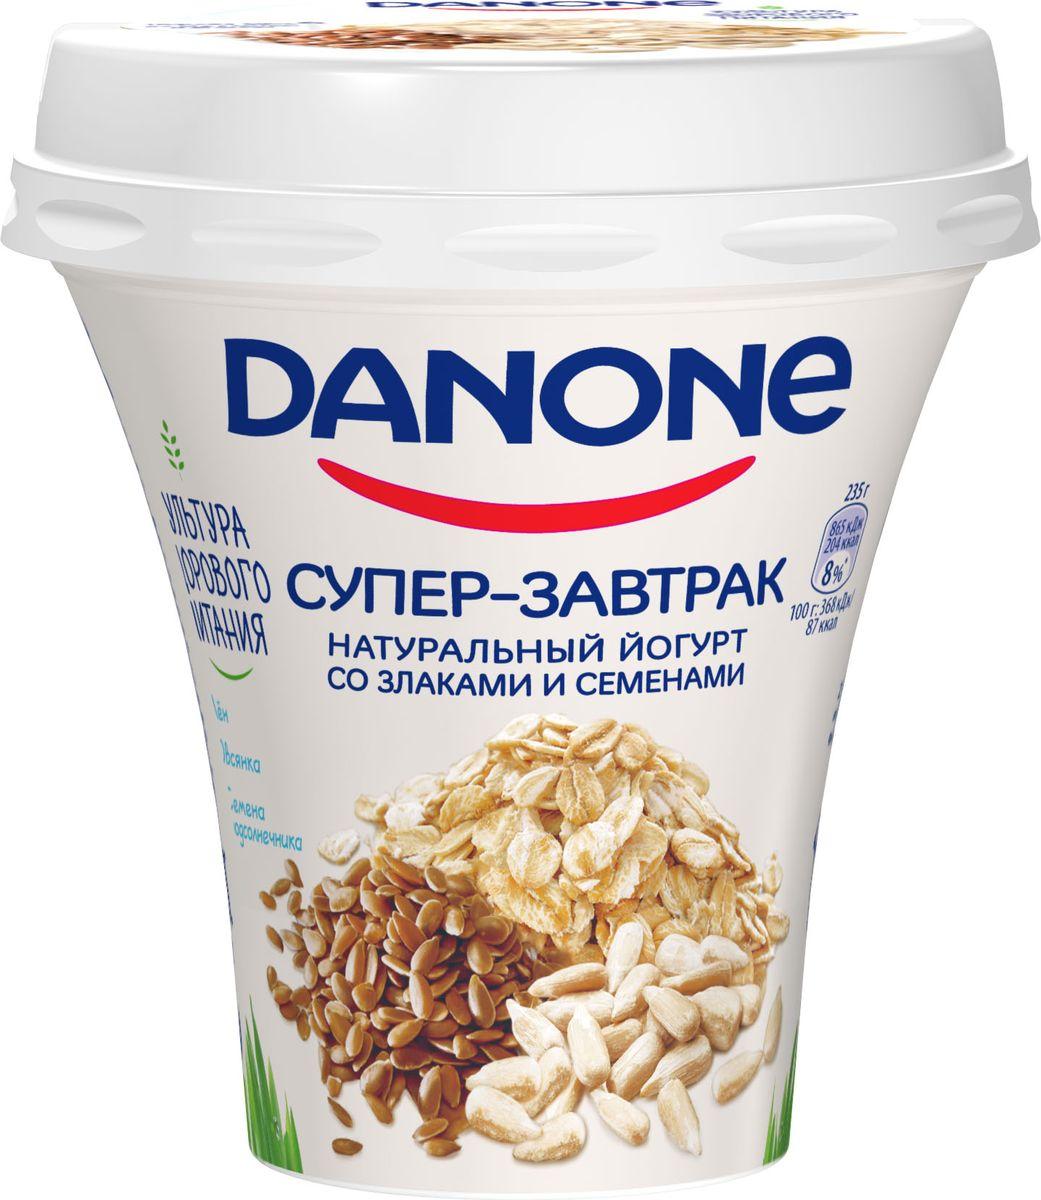 Danone Супер-завтрак Йогурт питьевой Злаки и Семена 2,6%, 235 г danone йогурт питьевой черника ежевика 2 1% 270 г